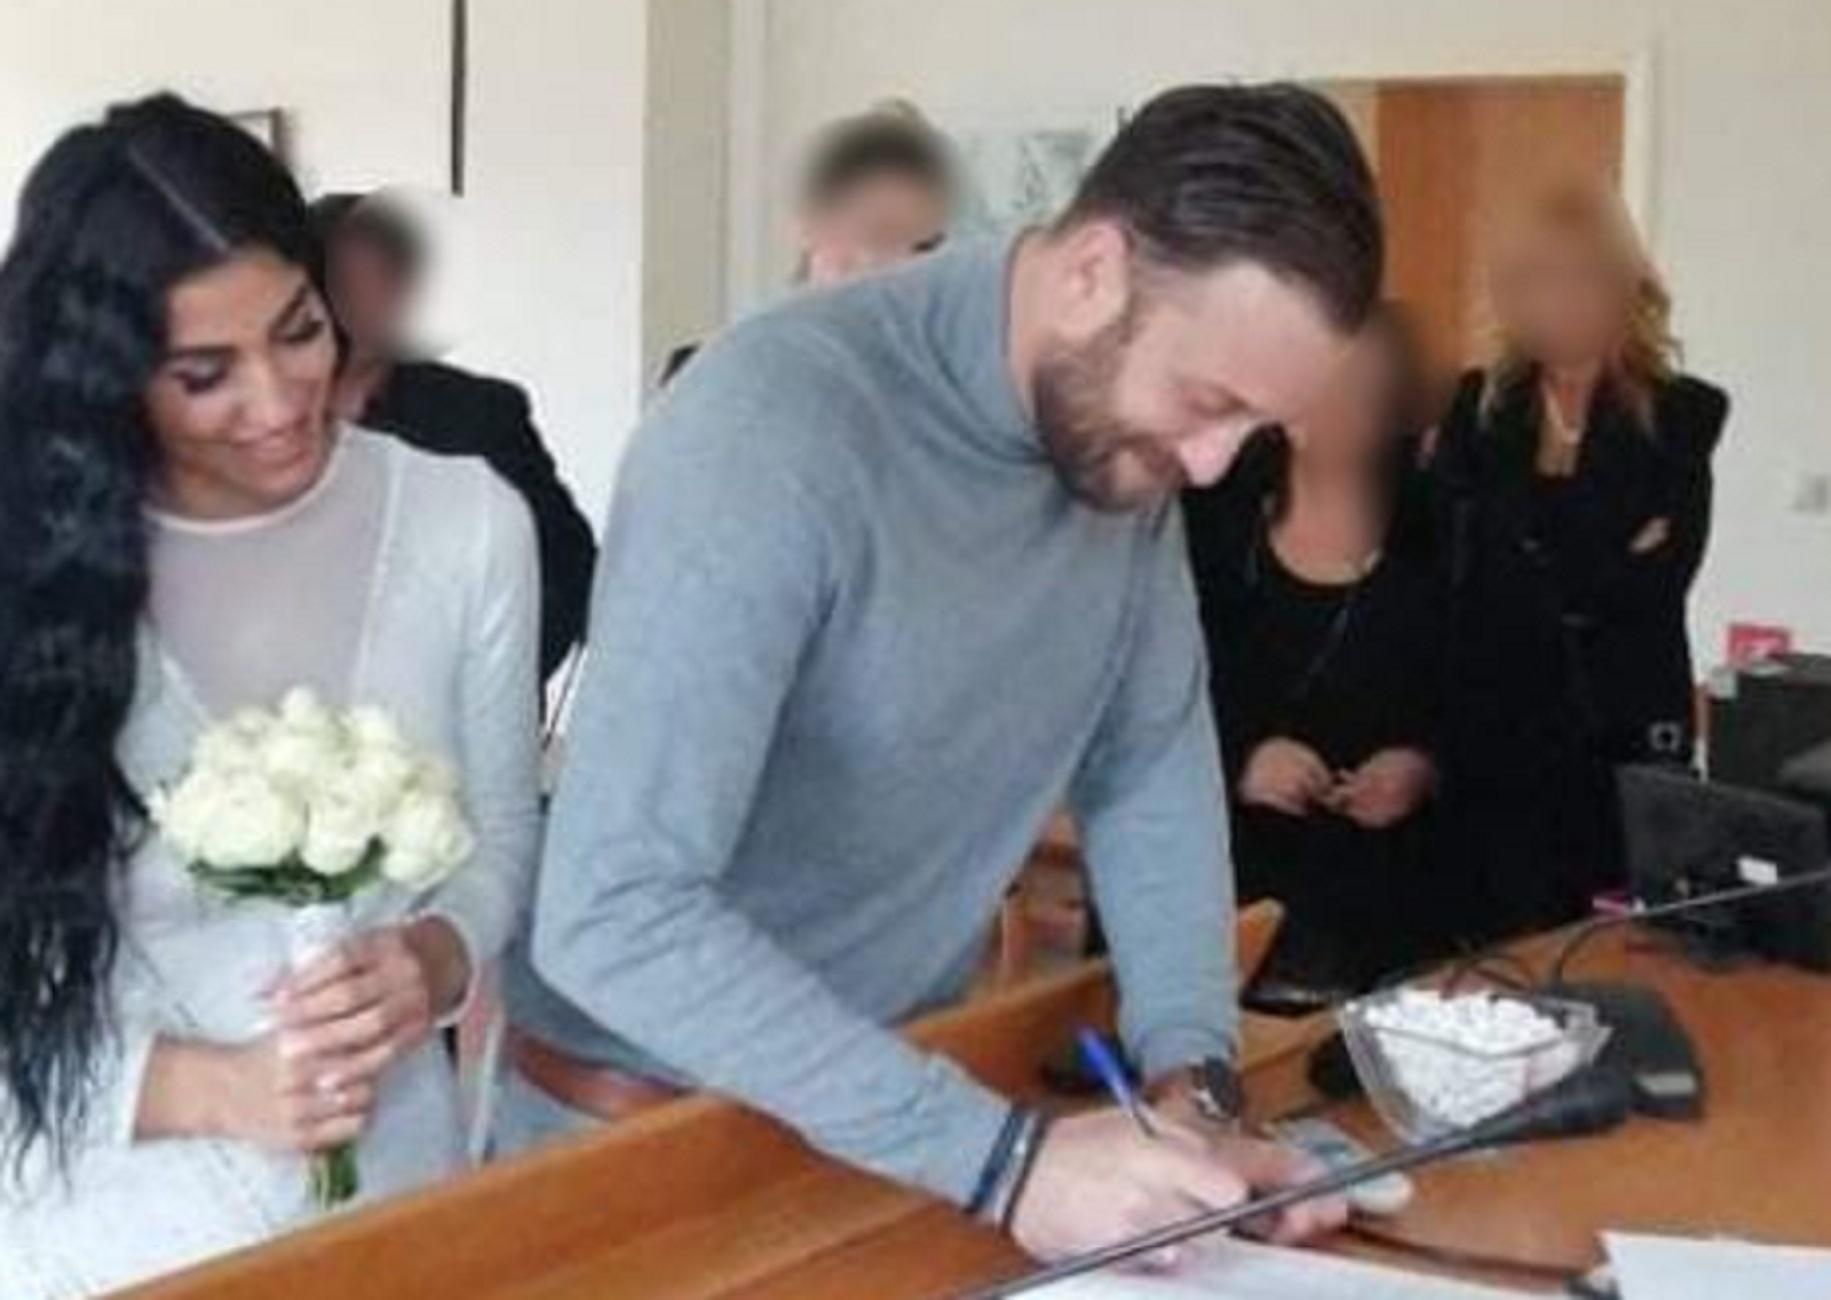 Χανιά – Lockdown: Γάμος με ένα απίθανο δώρο στη νύφη! Ο κορονοϊός δεν χάλασε τα σχέδιά τους (Φωτό)